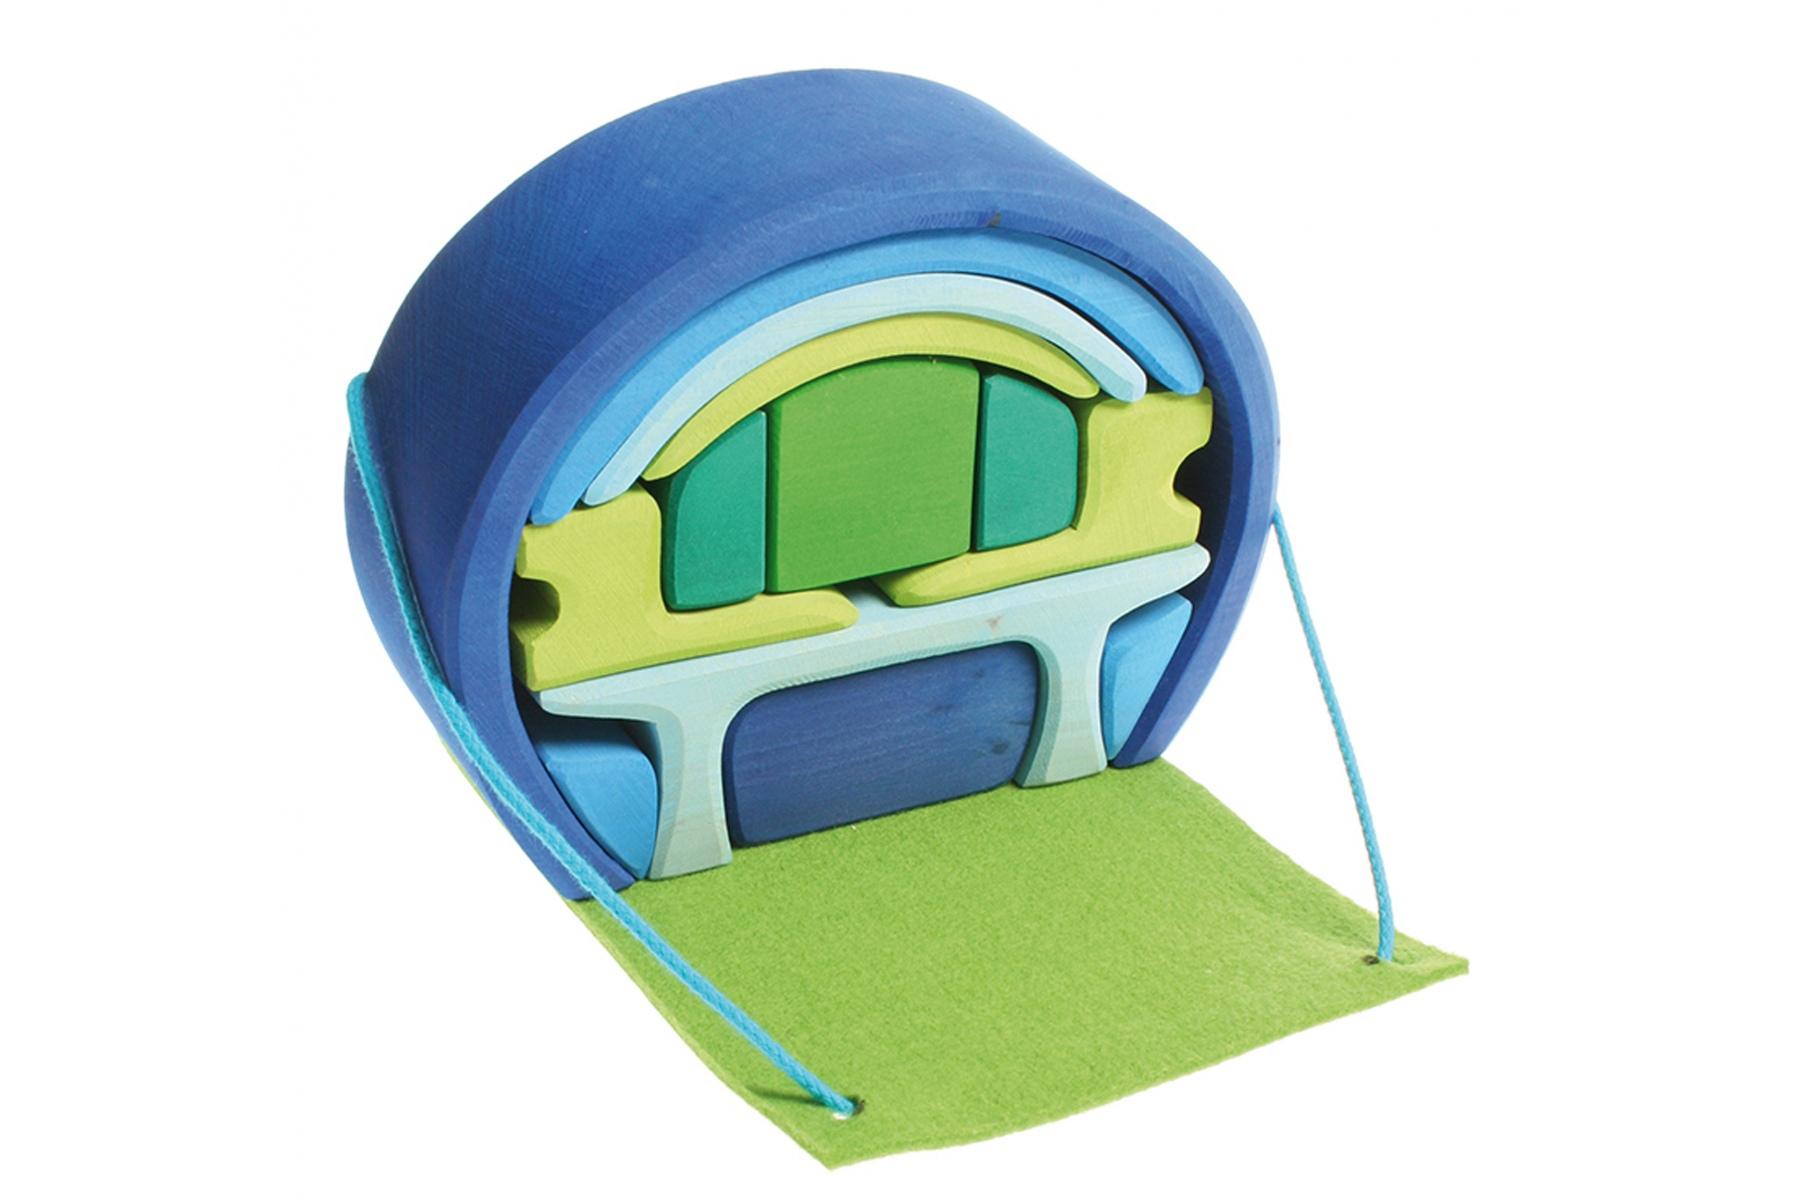 Maison de poup es mobile bleue verte maison mobile grimm 39 s - Maison bleue mobel ...